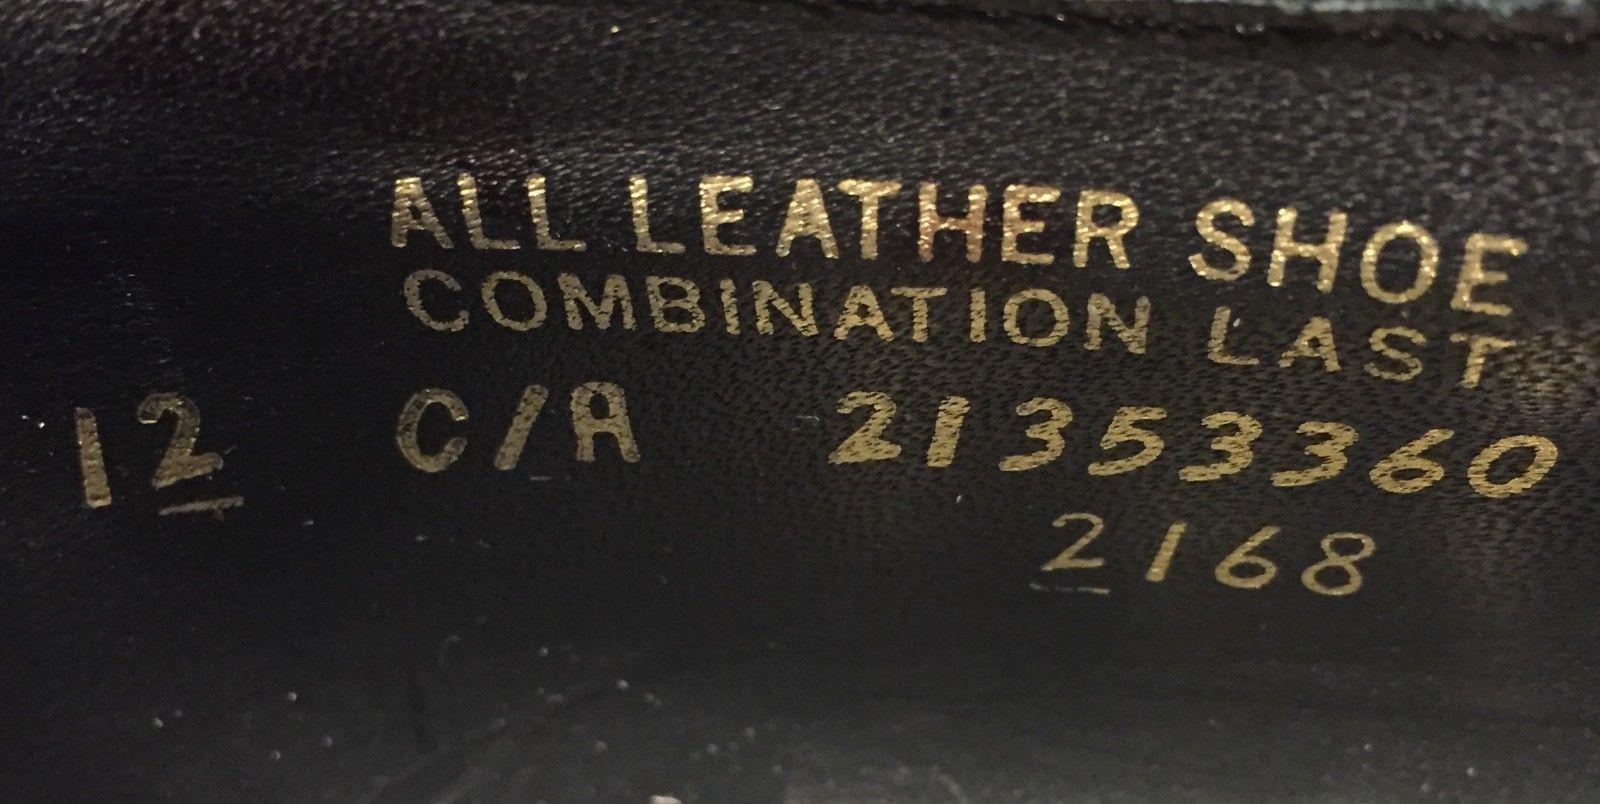 Hanover Shoe Model Number